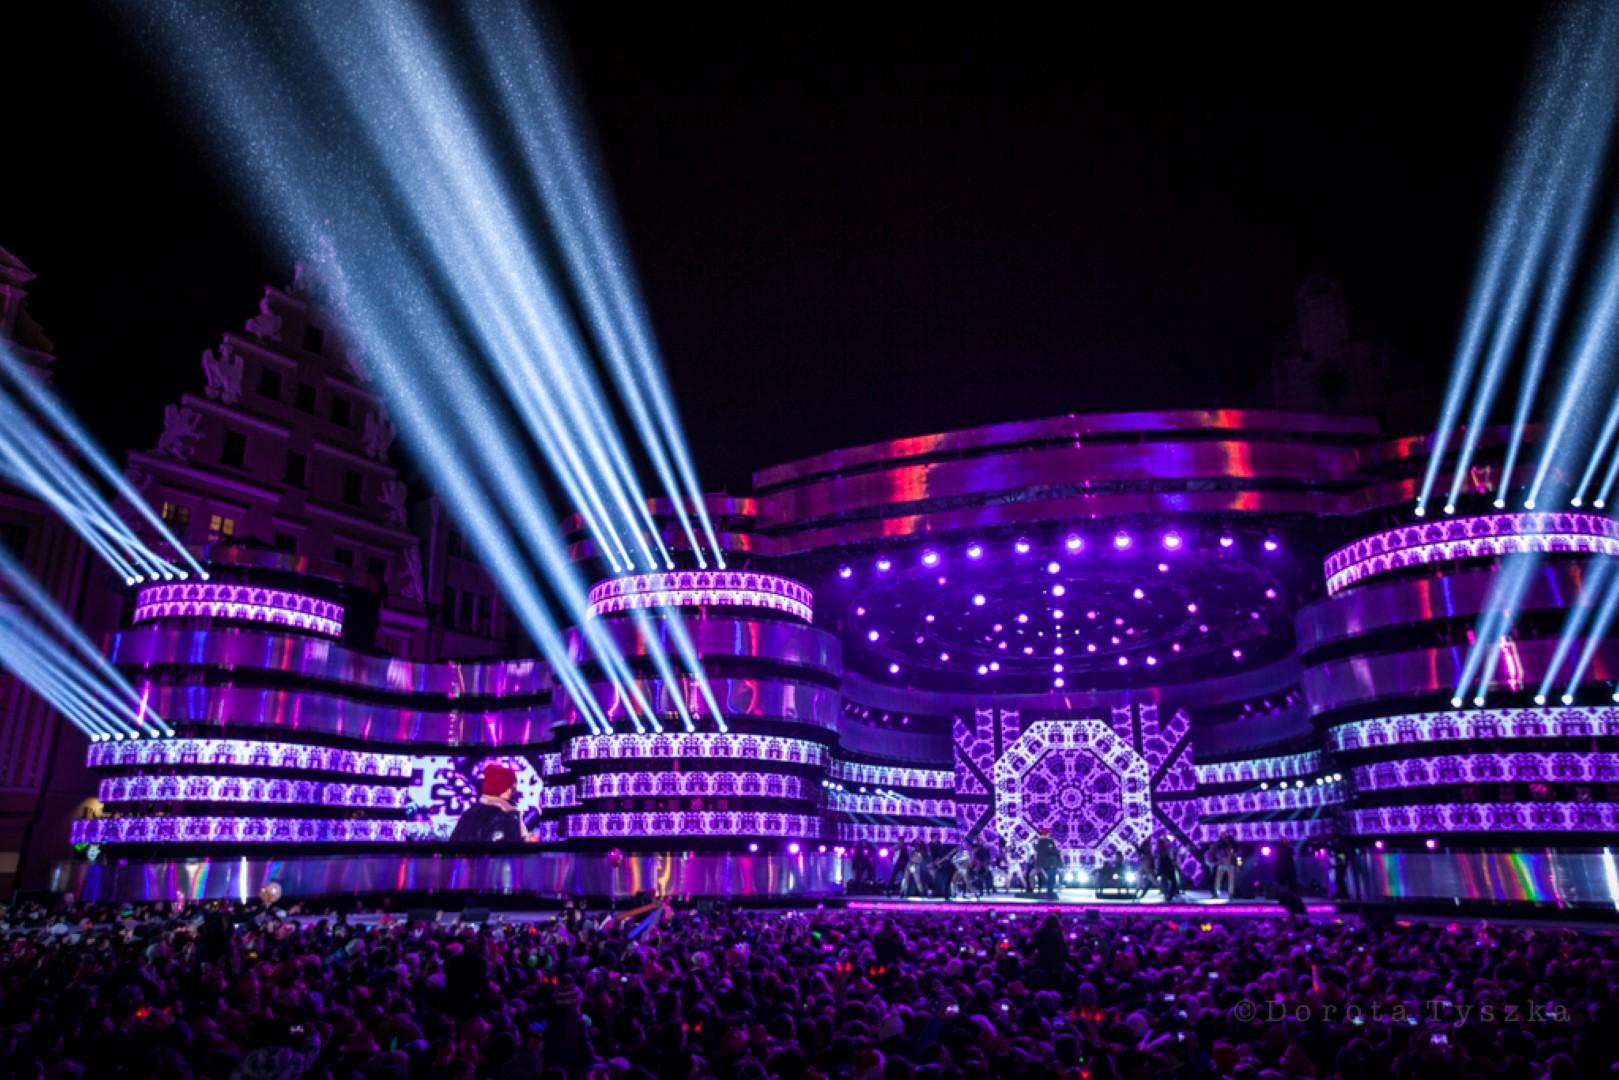 Aram Nye Poland Png Png Image 1619 1080 Pixels Scaled 85 Stage Lighting Design Concert Stage Design Stage Set Design